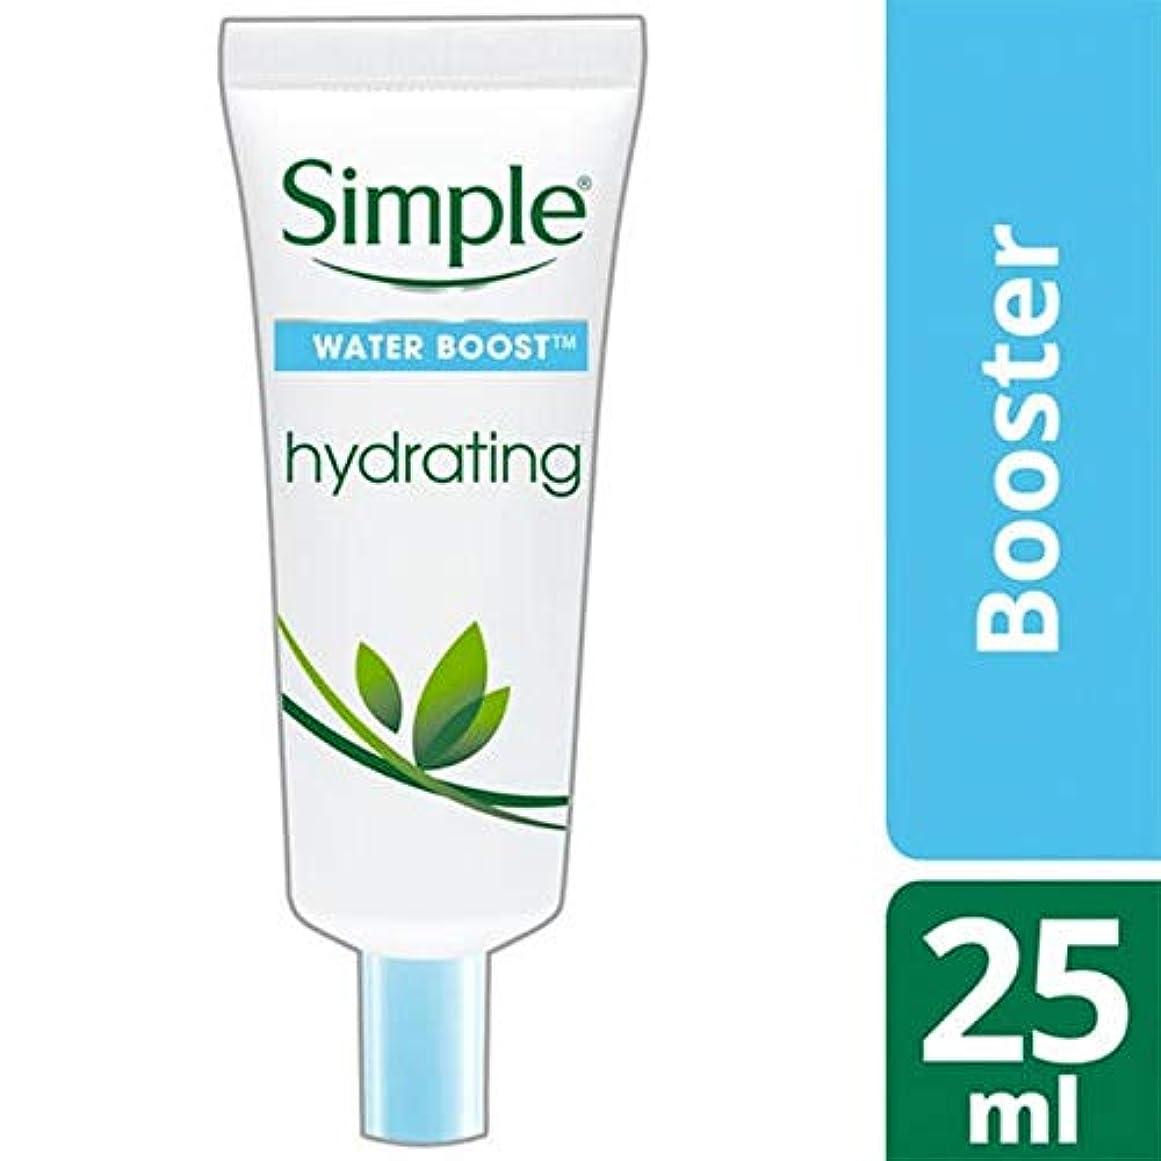 同じクライマックスペース[Simple ] シンプルな水ブースト水和ブースター25ミリリットル - Simple Water Boost Hydrating Booster 25ml [並行輸入品]